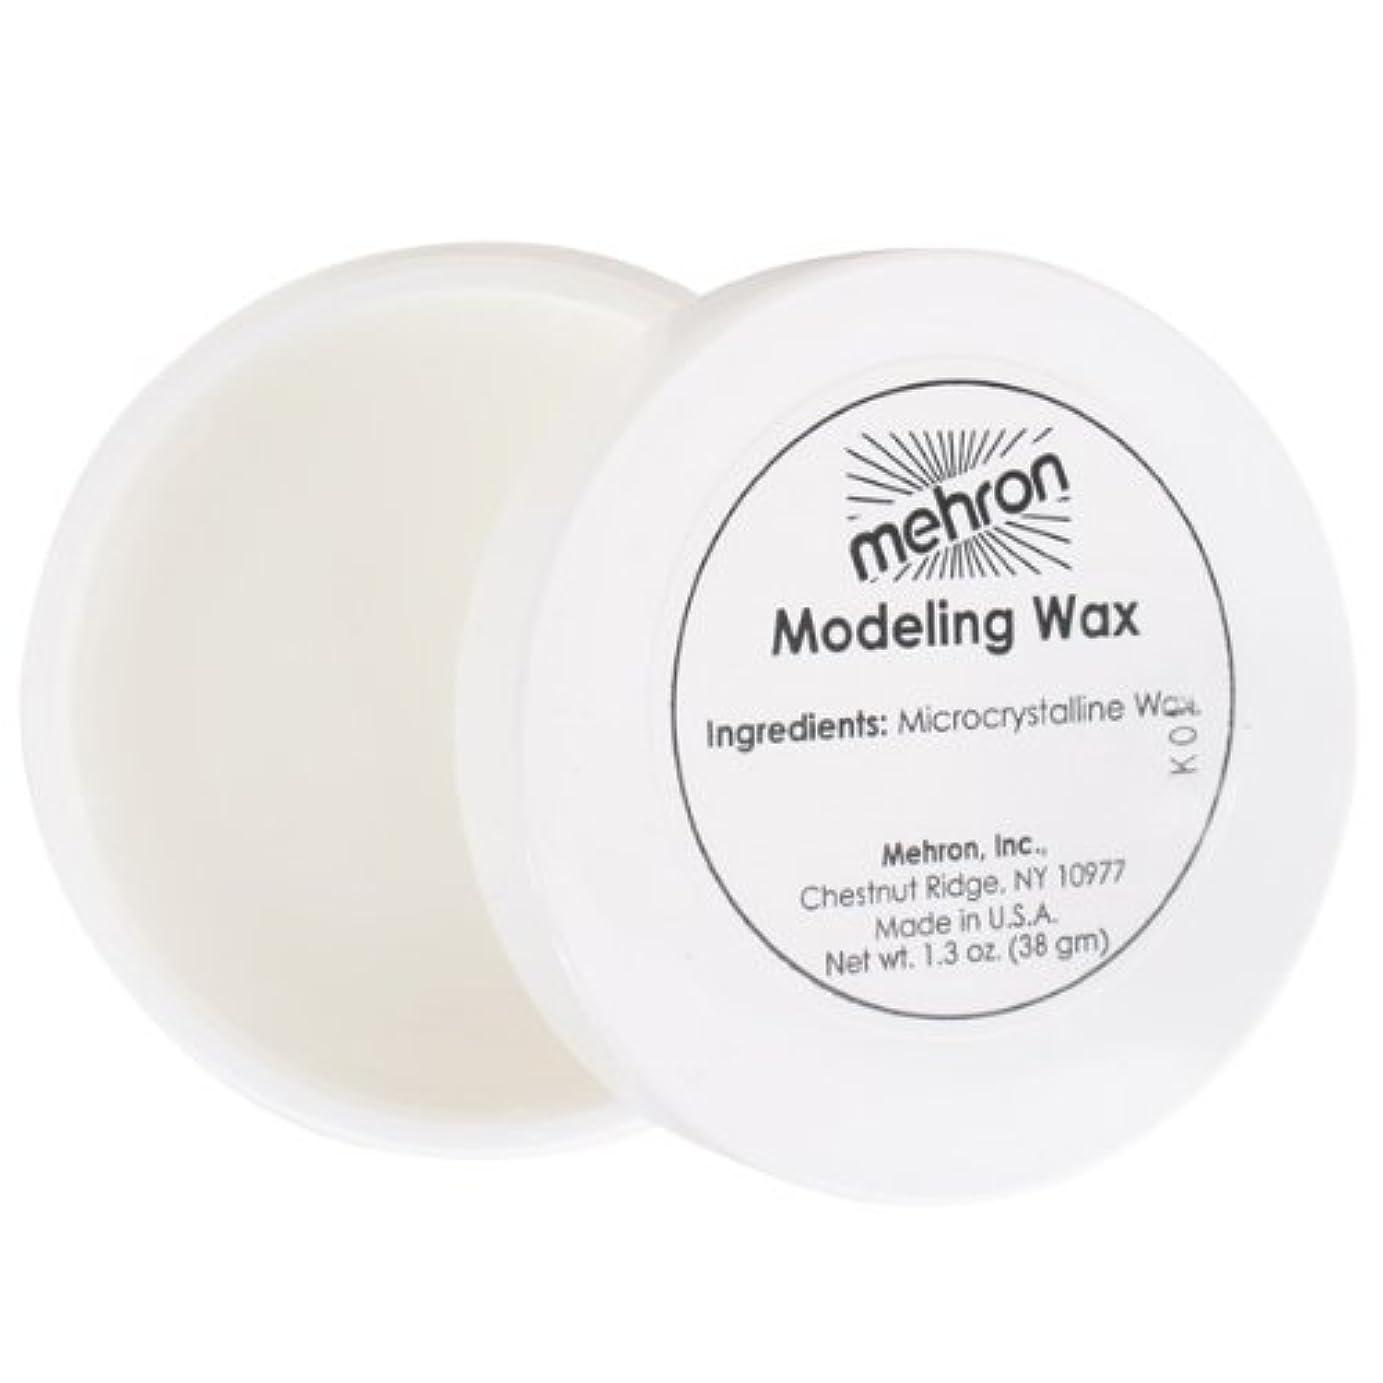 ニコチン再生矢印mehron Modeling Wax (並行輸入品)